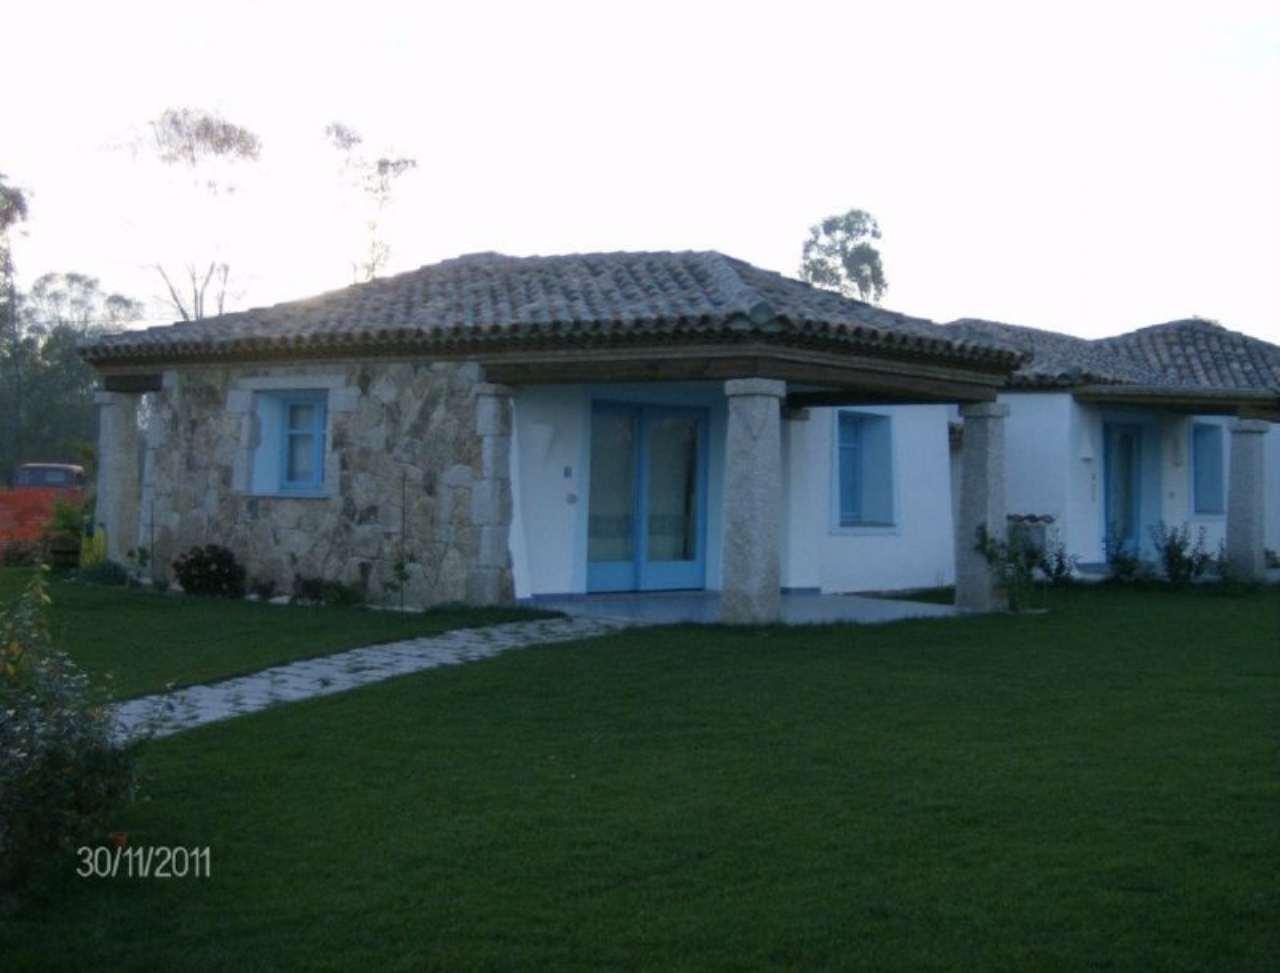 Villa in vendita a Budoni, 3 locali, prezzo € 260.000 | Cambio Casa.it